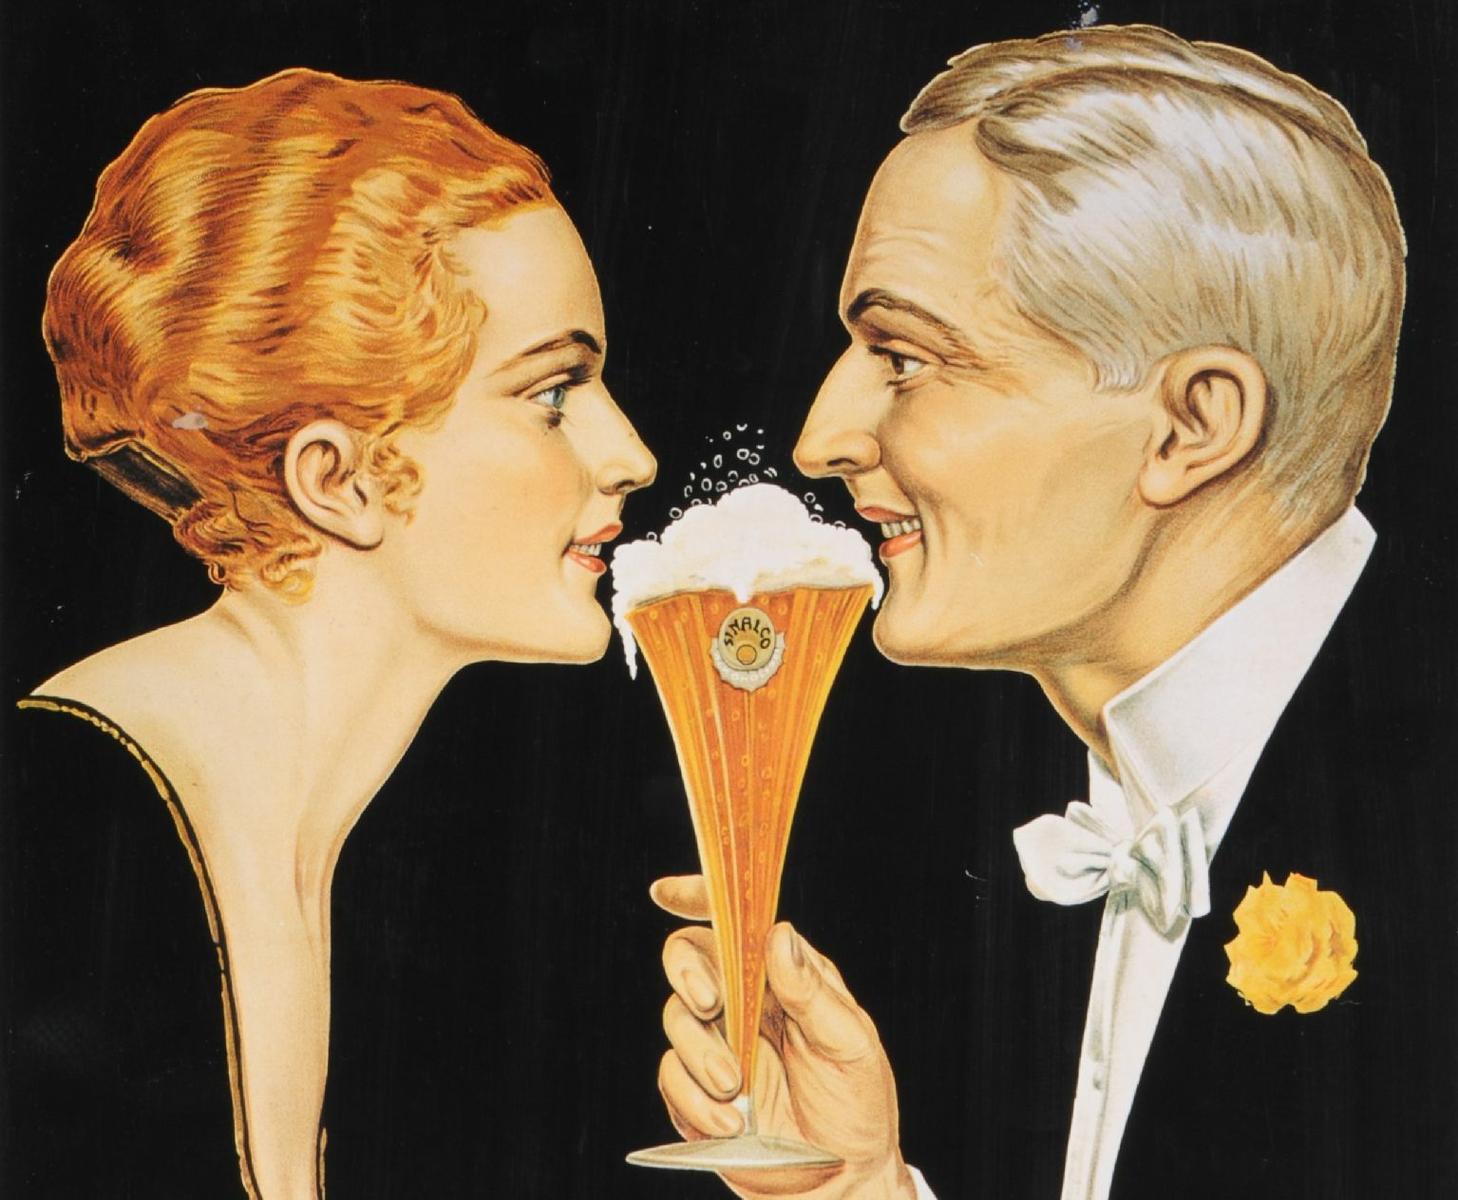 Werbebild der Getränkemarke Sinalco